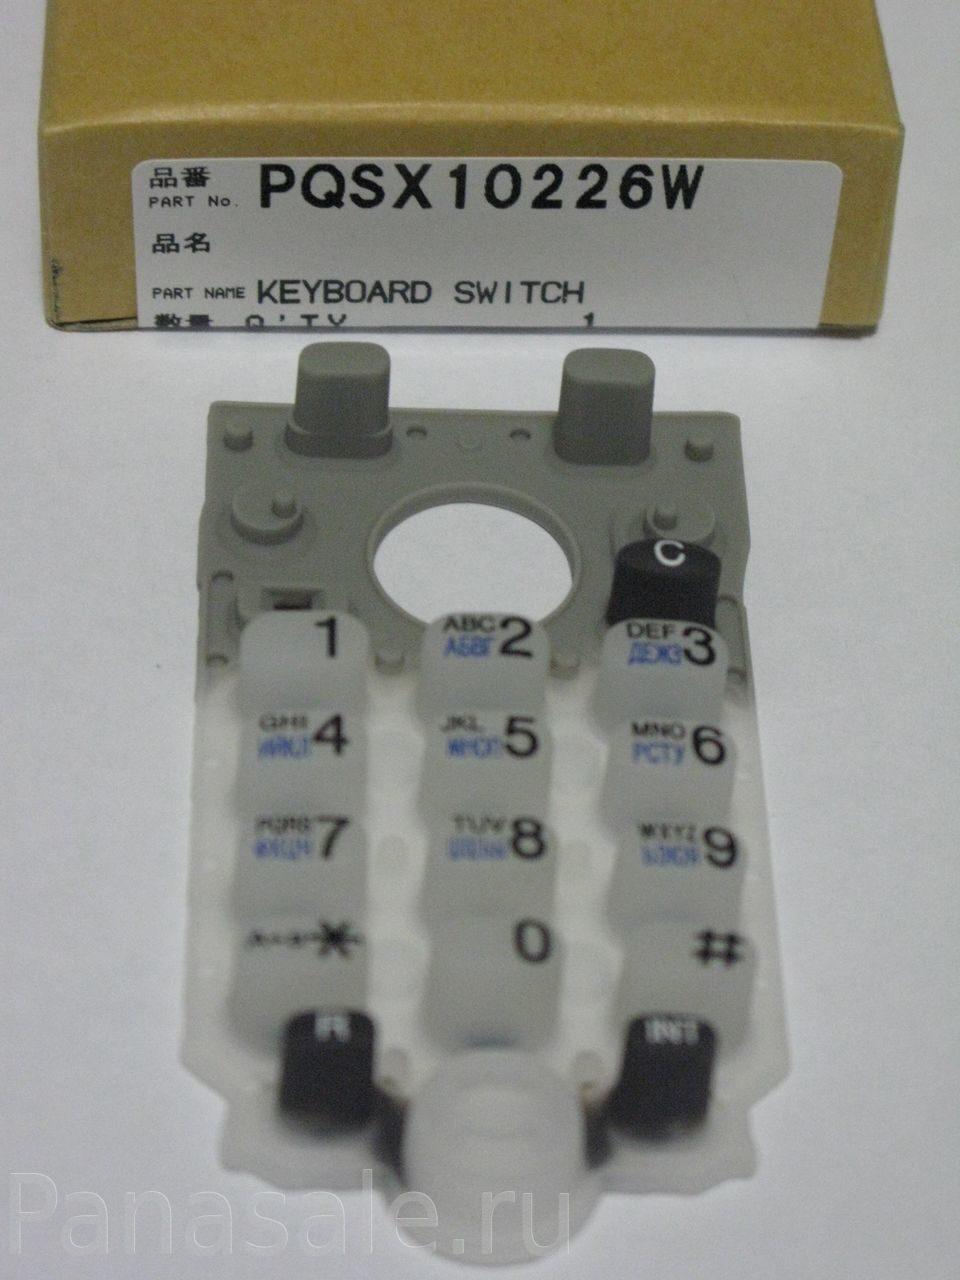 Ремонт телефона panasonic kx-tg7206ru ремонт принтера canon mp230 если ошибка 5800